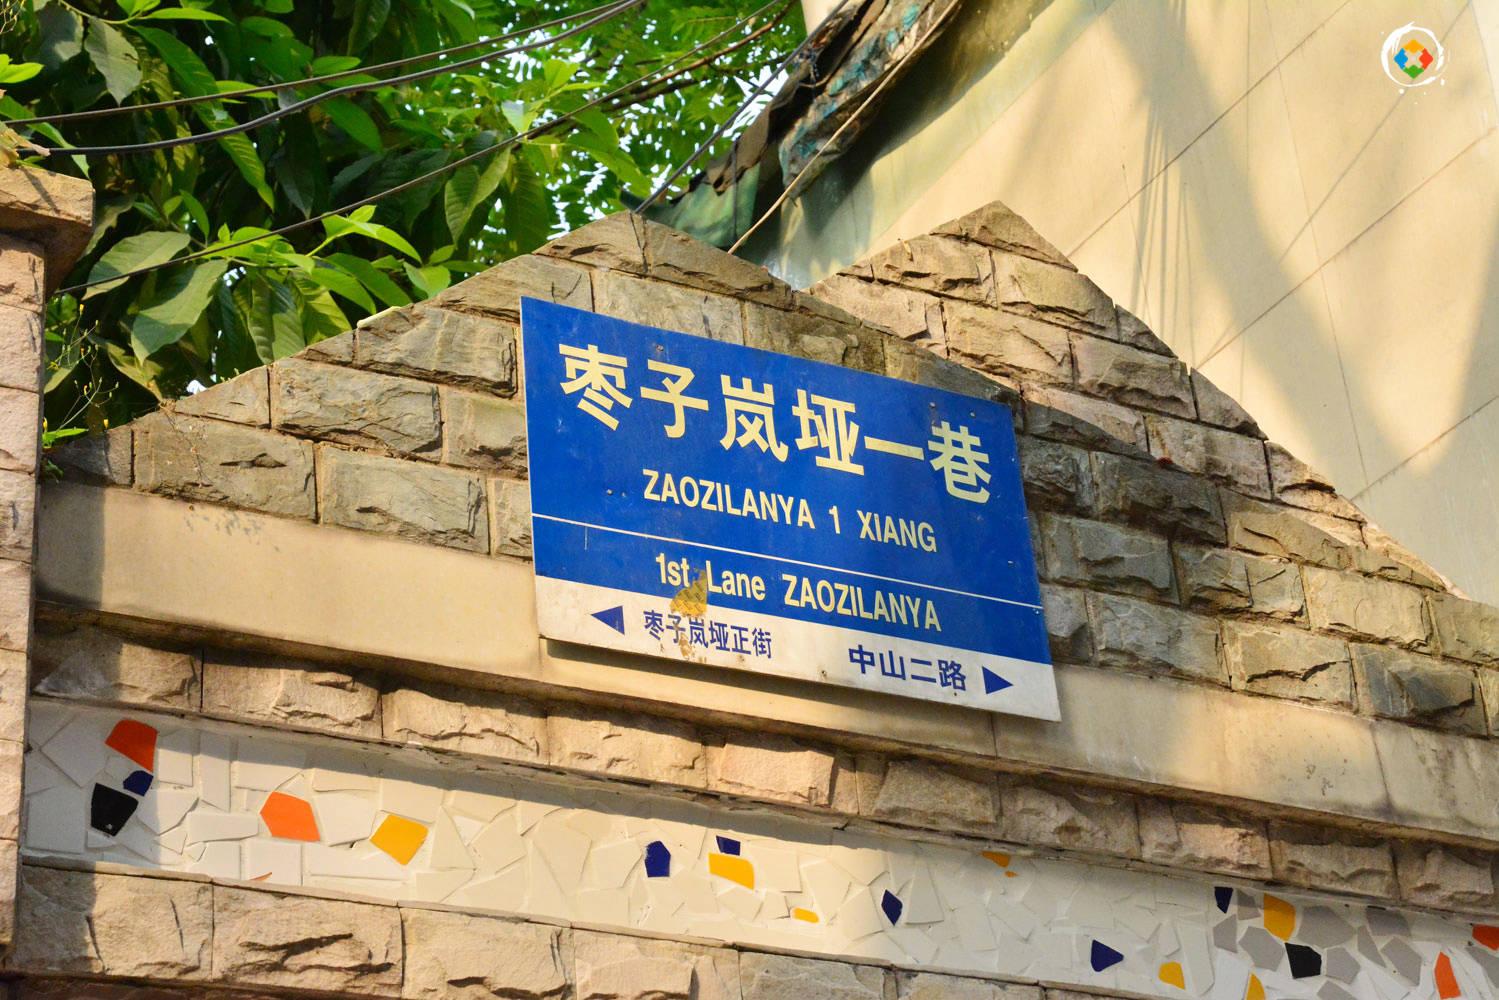 重庆历史地名保护名录发布,不仅仅是代号,每一个都意义深刻